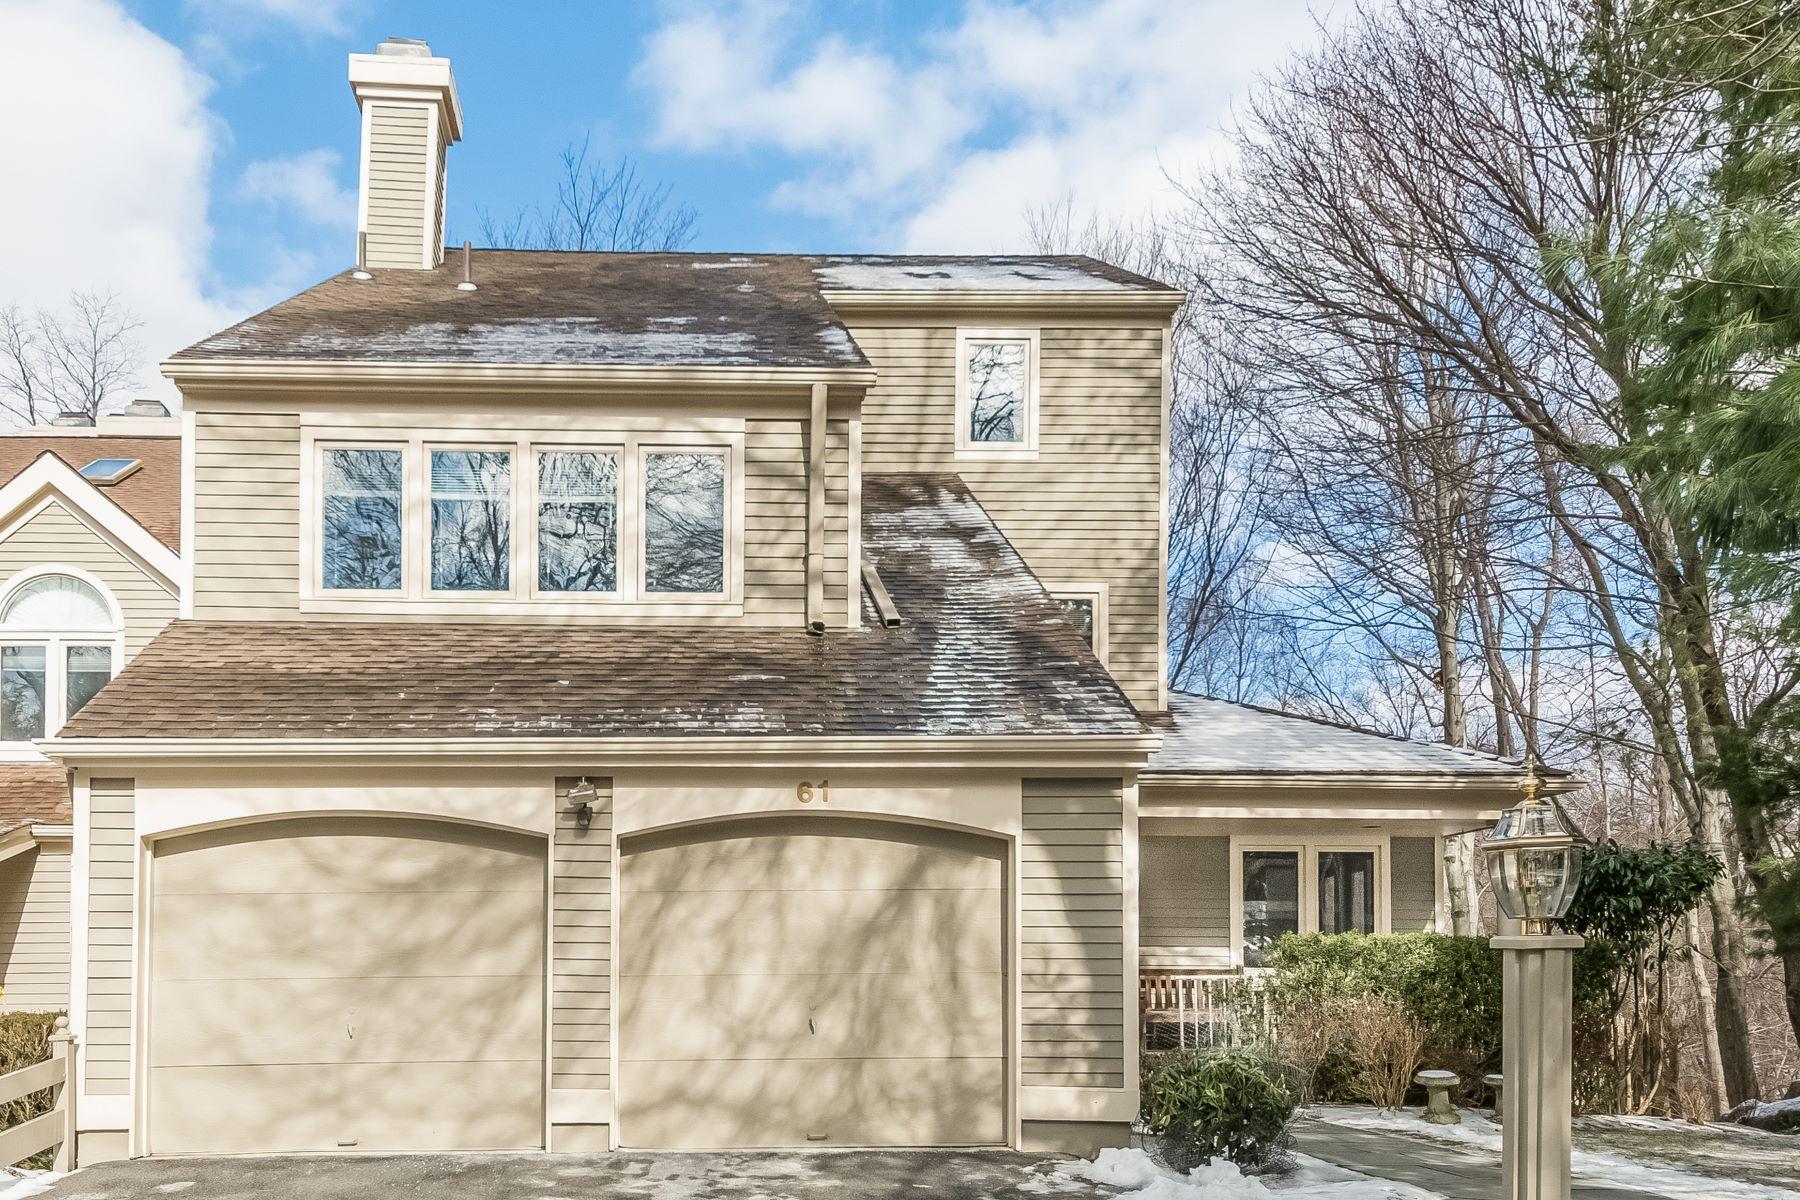 شقة بعمارة للـ Sale في Condo Located at Boulder Ridge Complex 61 Boulder Ridge Road, Scarsdale, New York, 10583 United States